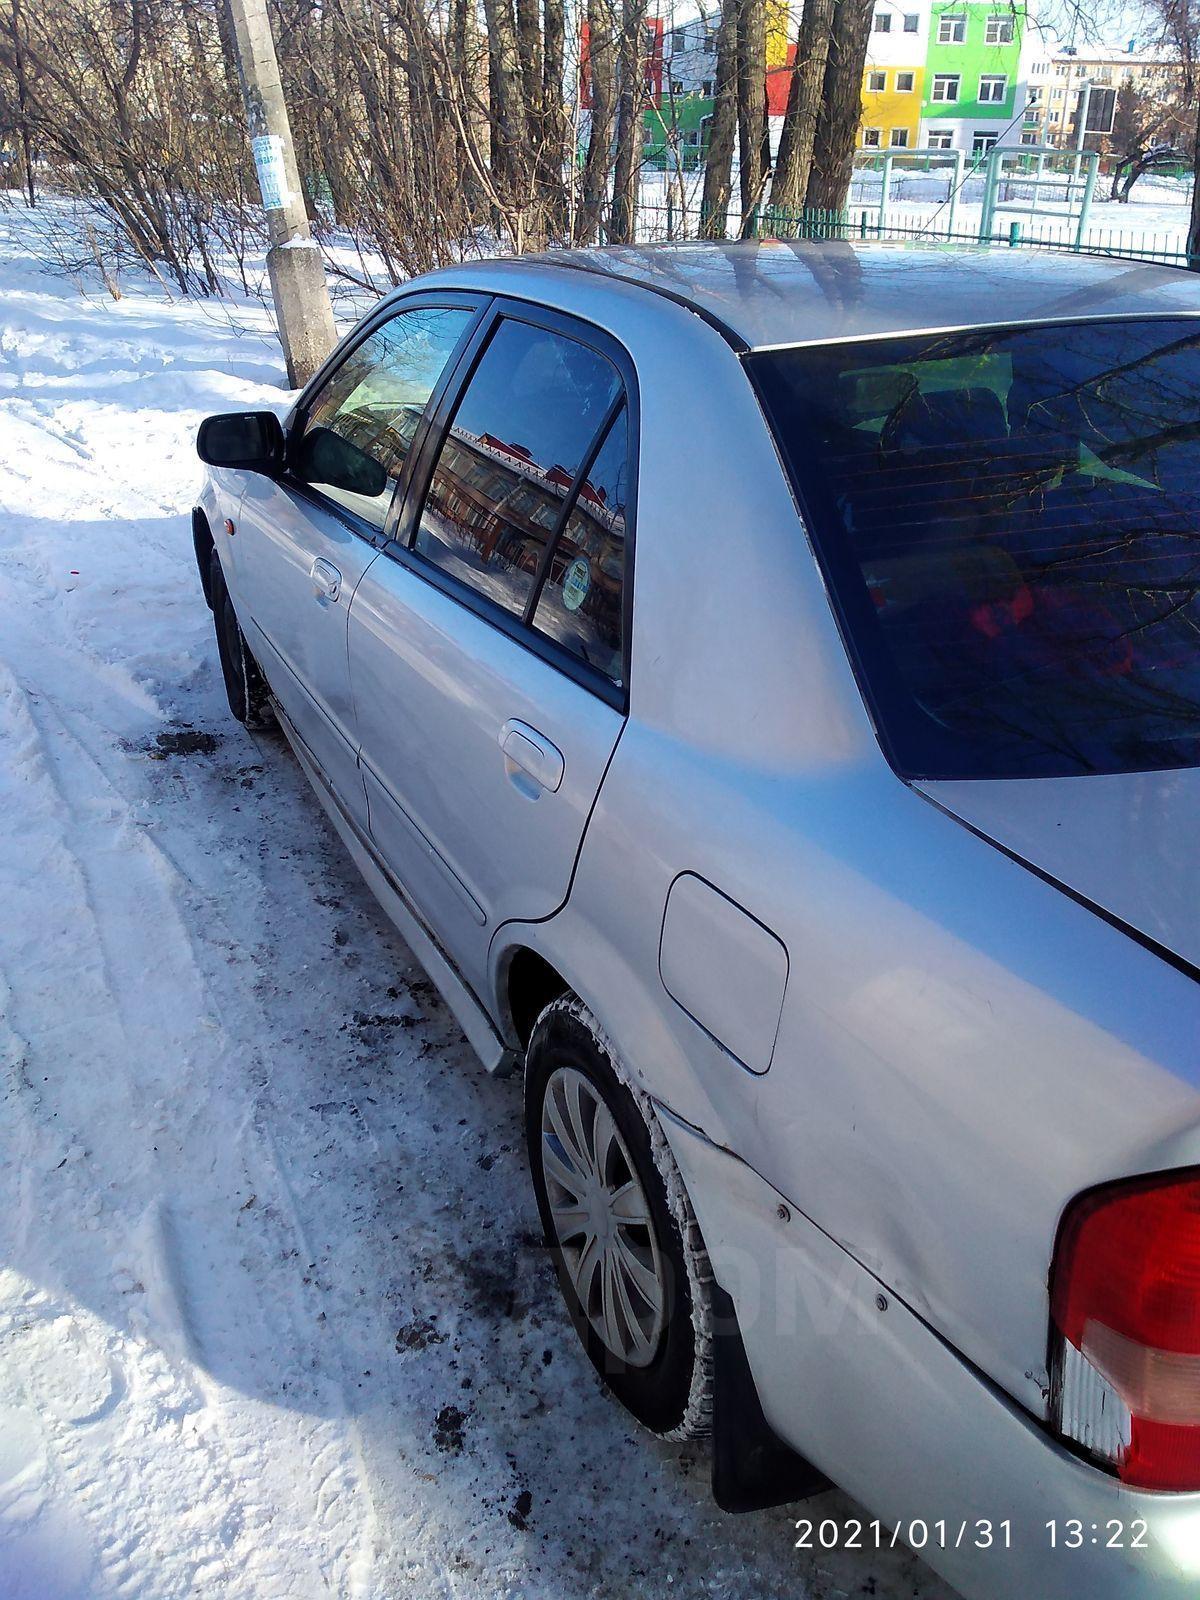 Продажа Mazda Familia 2001 год в Омске, обмен на ...